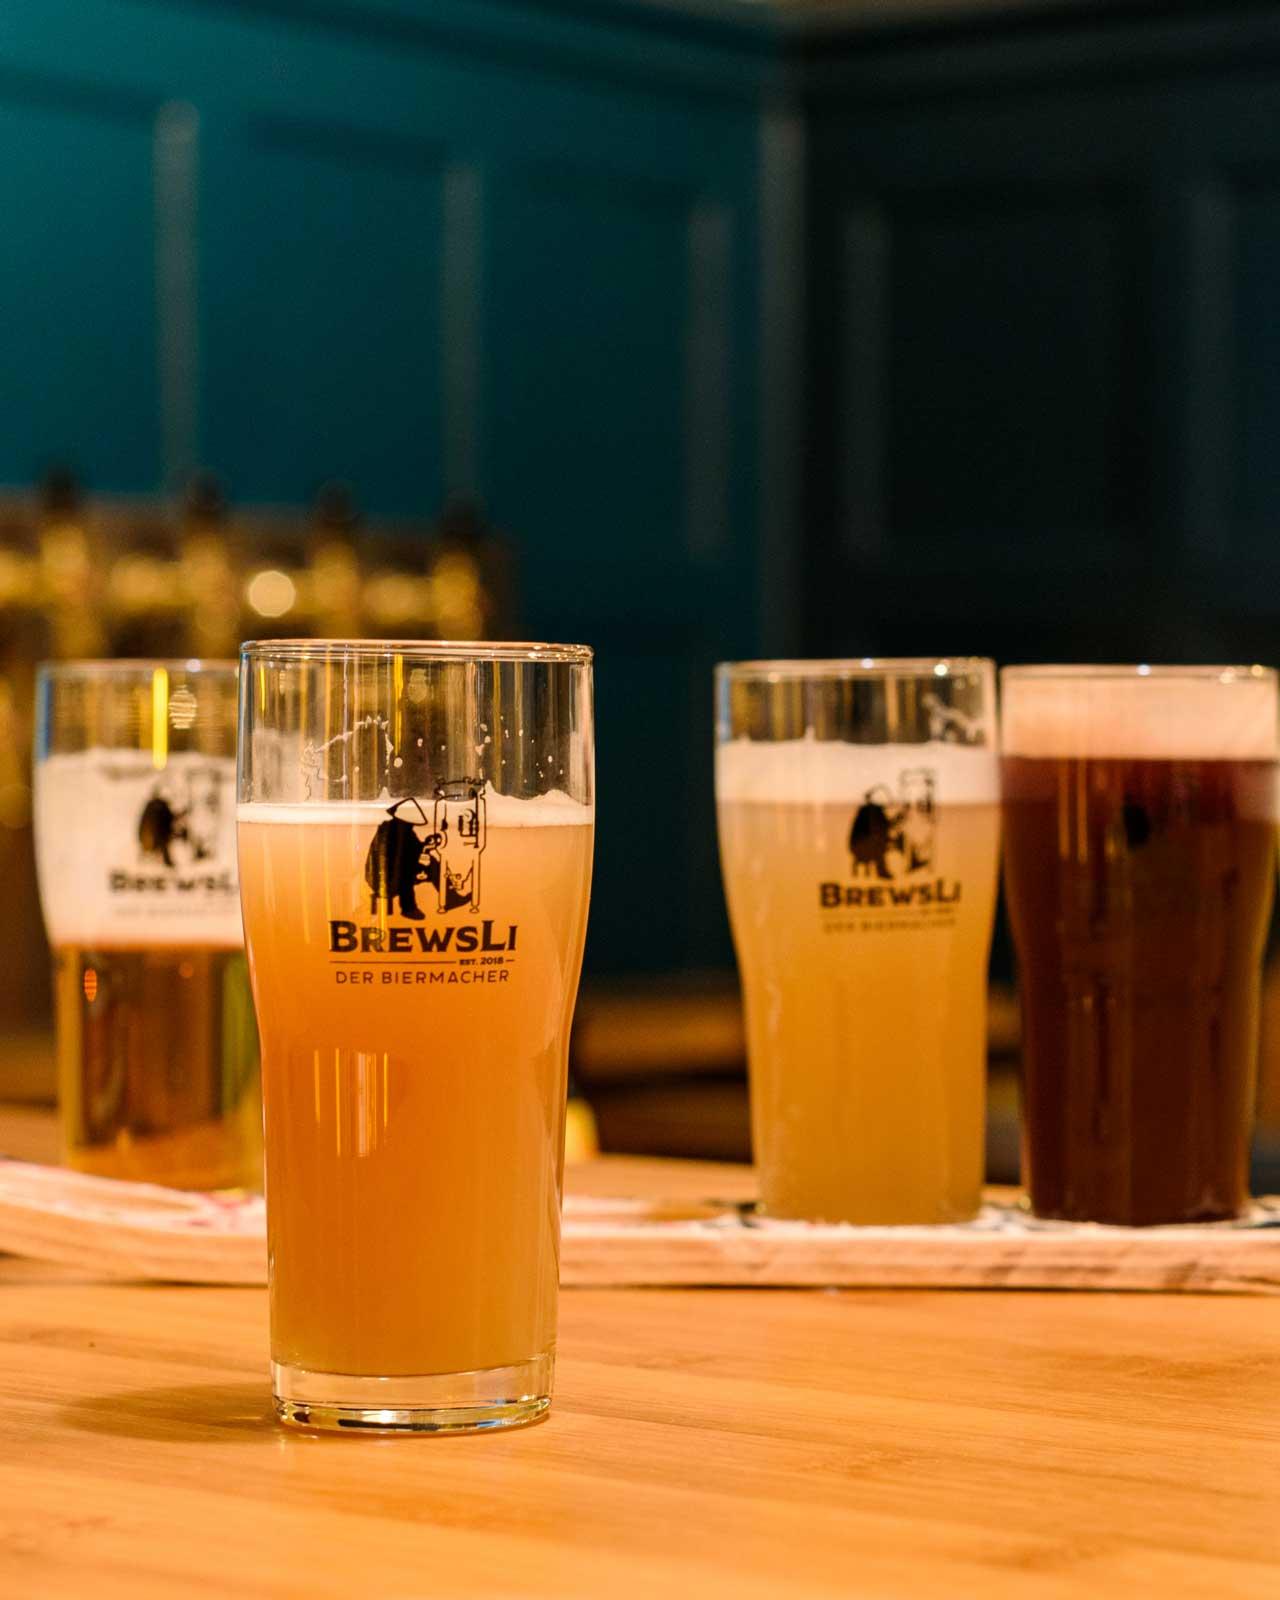 BrewsLi-Biermacher-Craft-Beer-Pub-Muenchen-Bierverkostung